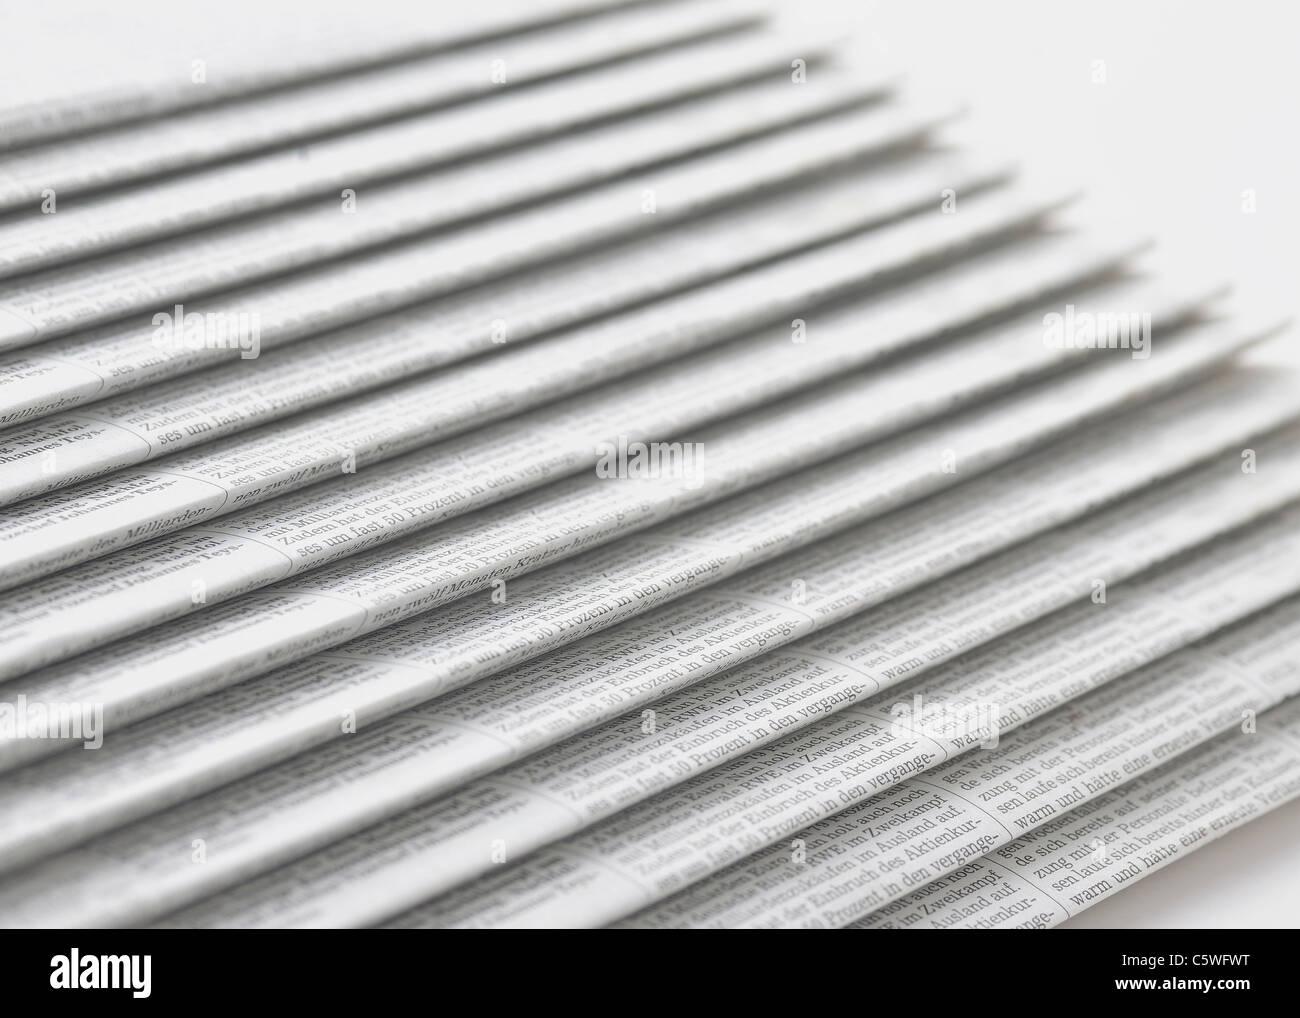 Rangée de journaux sur fond blanc Photo Stock